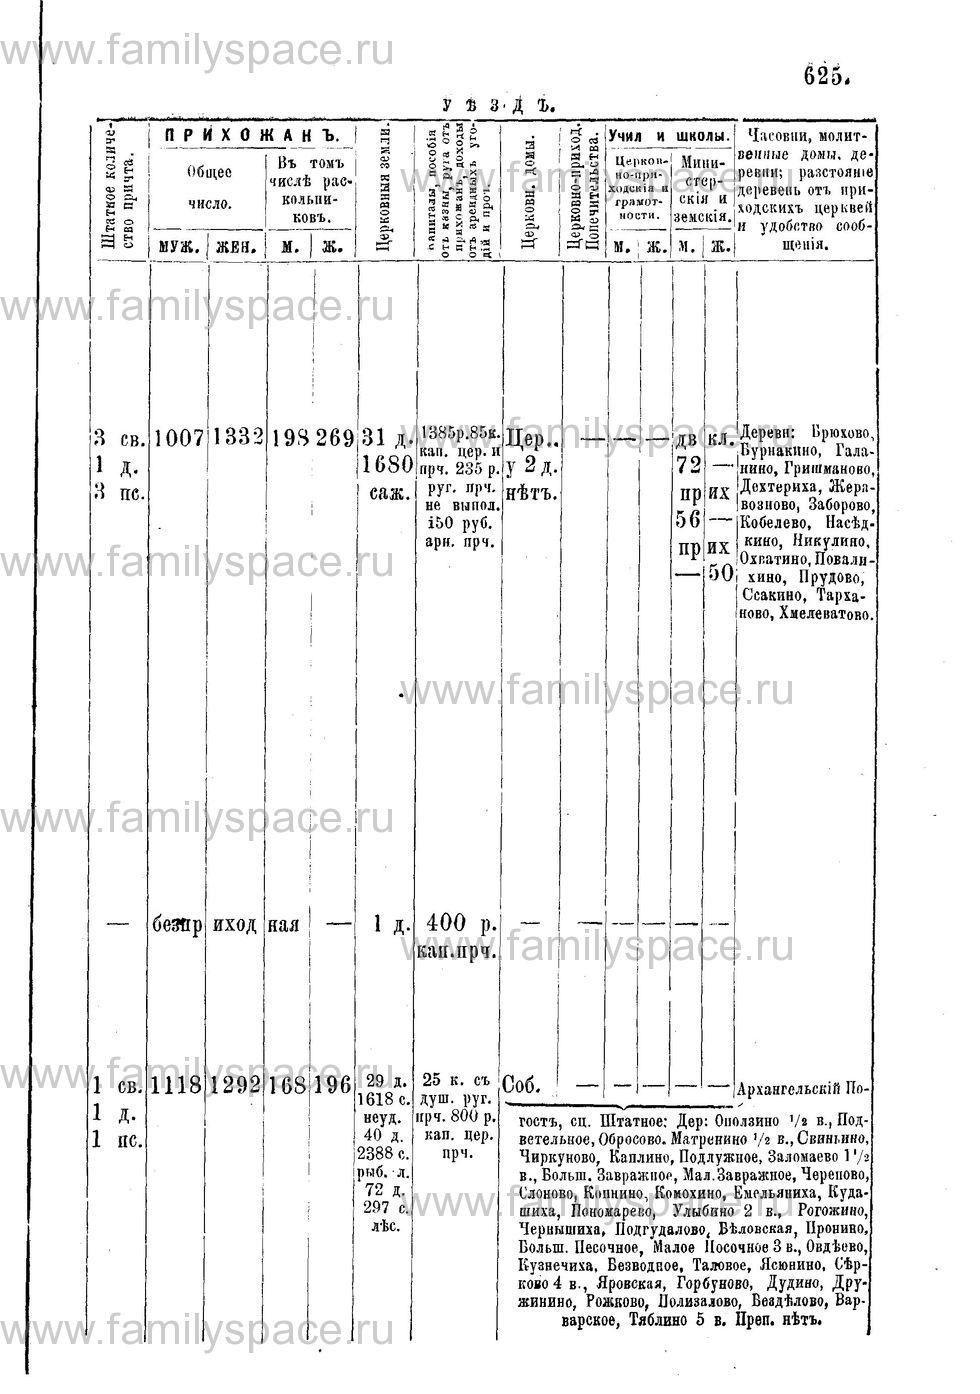 Поиск по фамилии - Адрес-календарь Нижегородской епархии на 1888 год, страница 1625